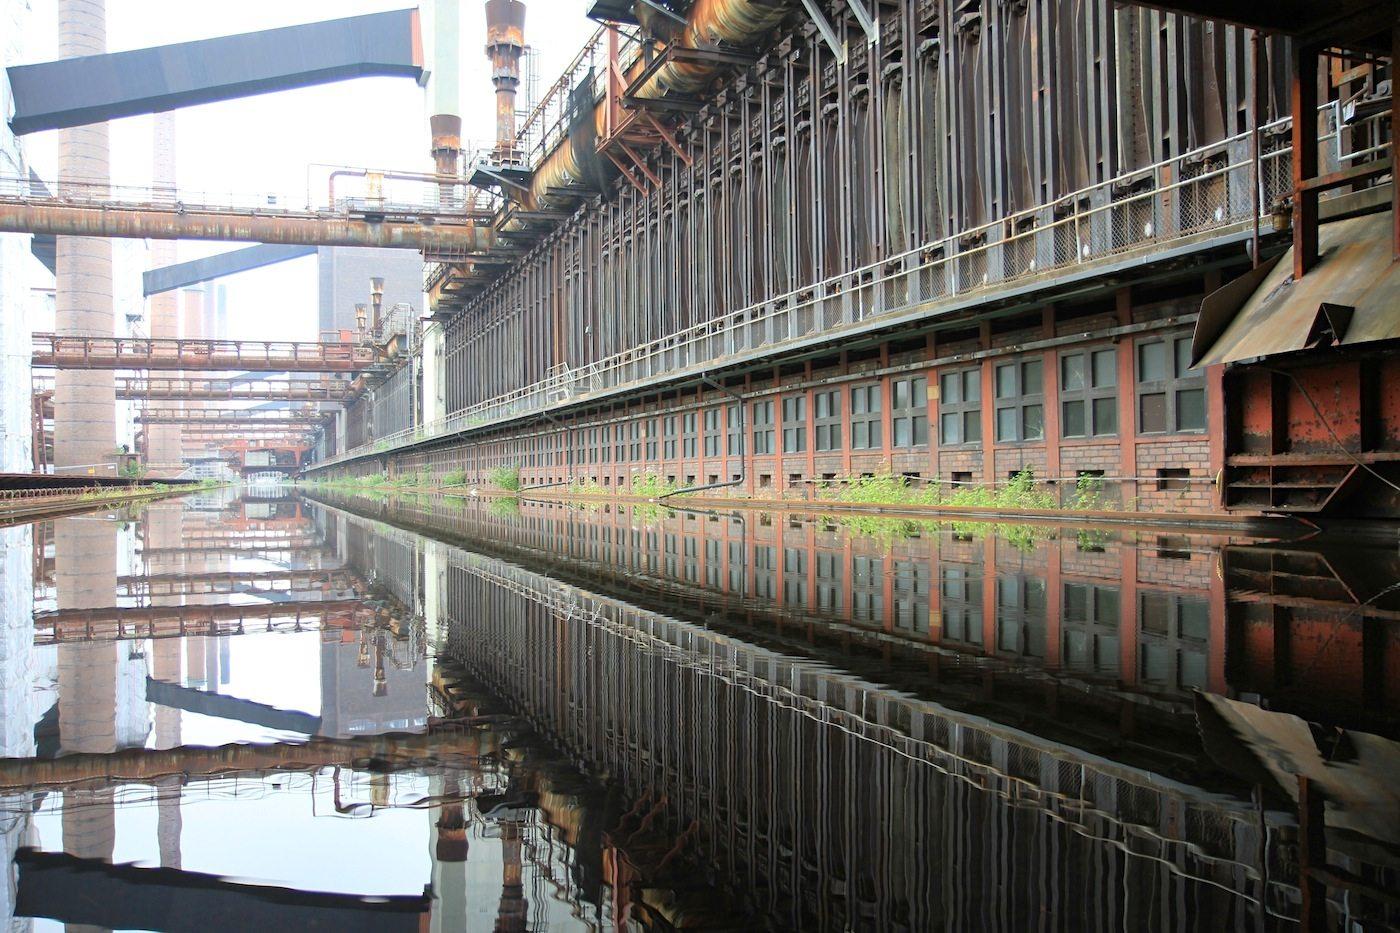 Zeche Zollverein. Sie ist heute ein Architektur-Welterbe und Industriedenkmal. Gemeinsam mit der Zeche Zollverein wurde die Kokerei 2001 von der UNESCO zum Weltkulturerbe erklärt.